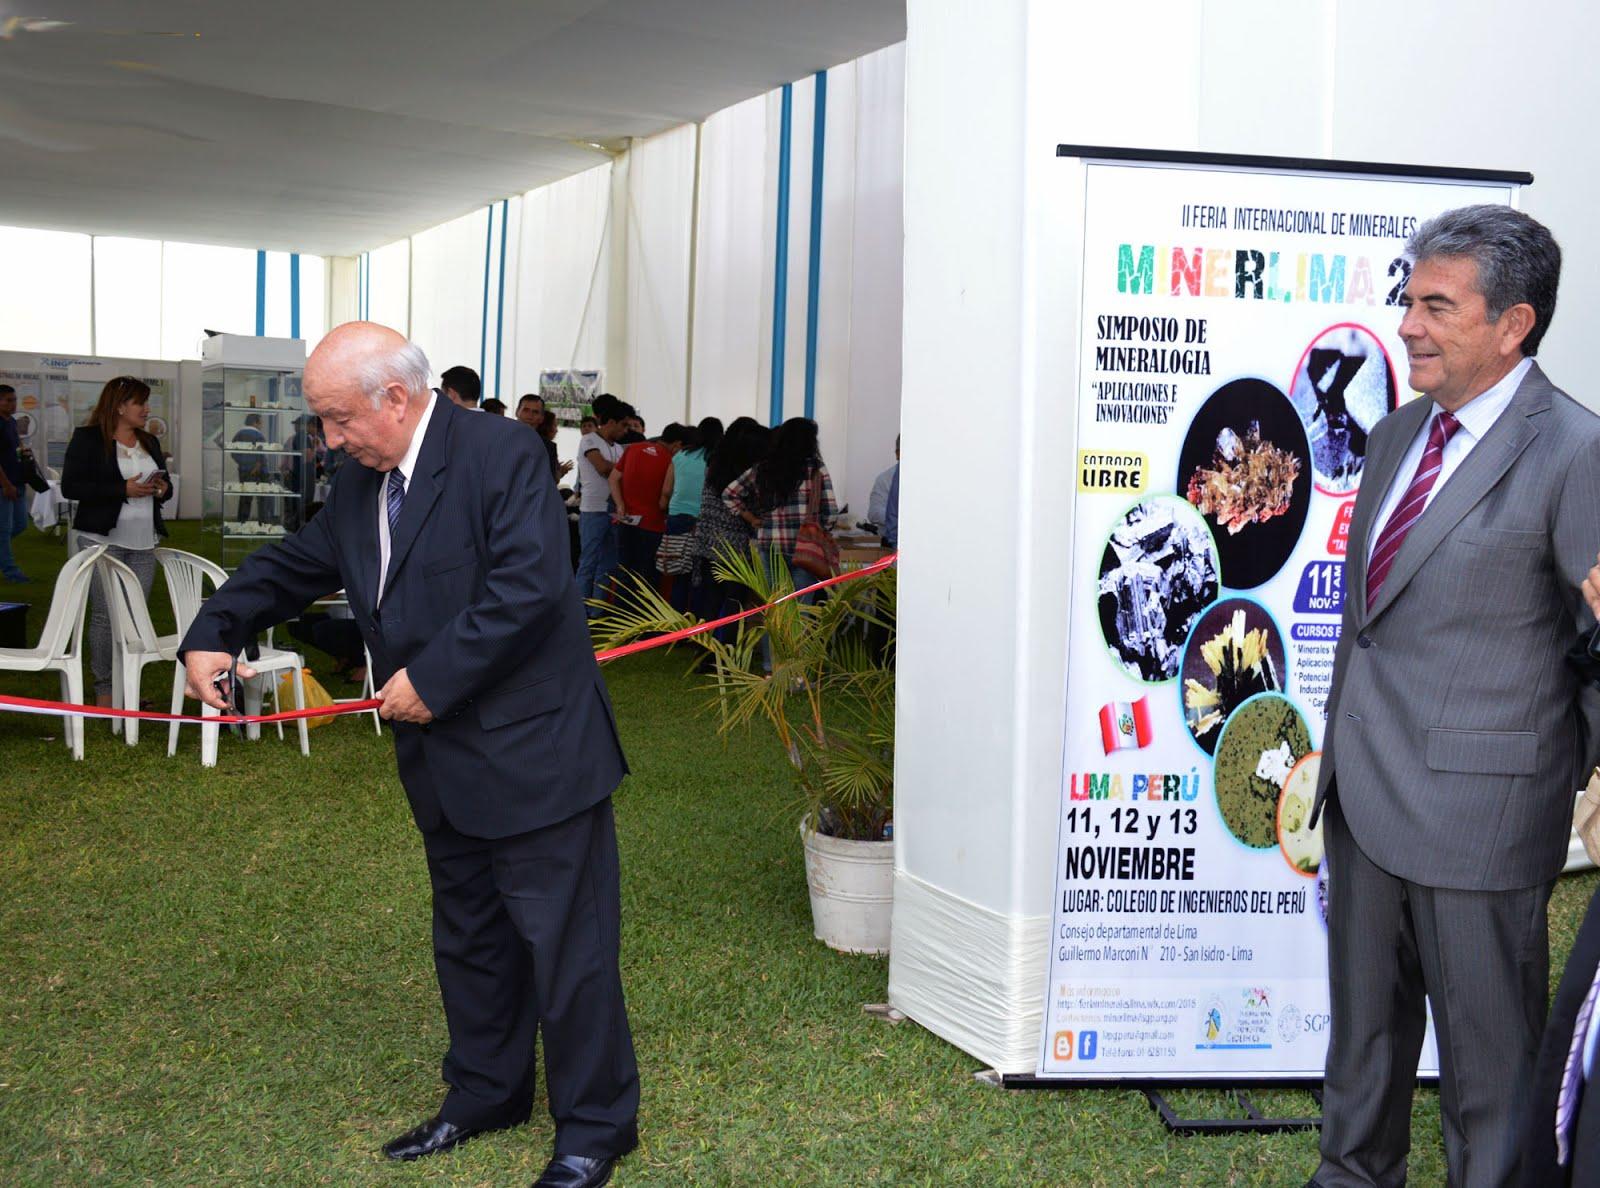 VIDEOS-FOTOS: MINERLIMA 2016 EN EL COLEGIO DE INGENIEROS-CONSEJO DEPARTAMENTAL DE LIMA